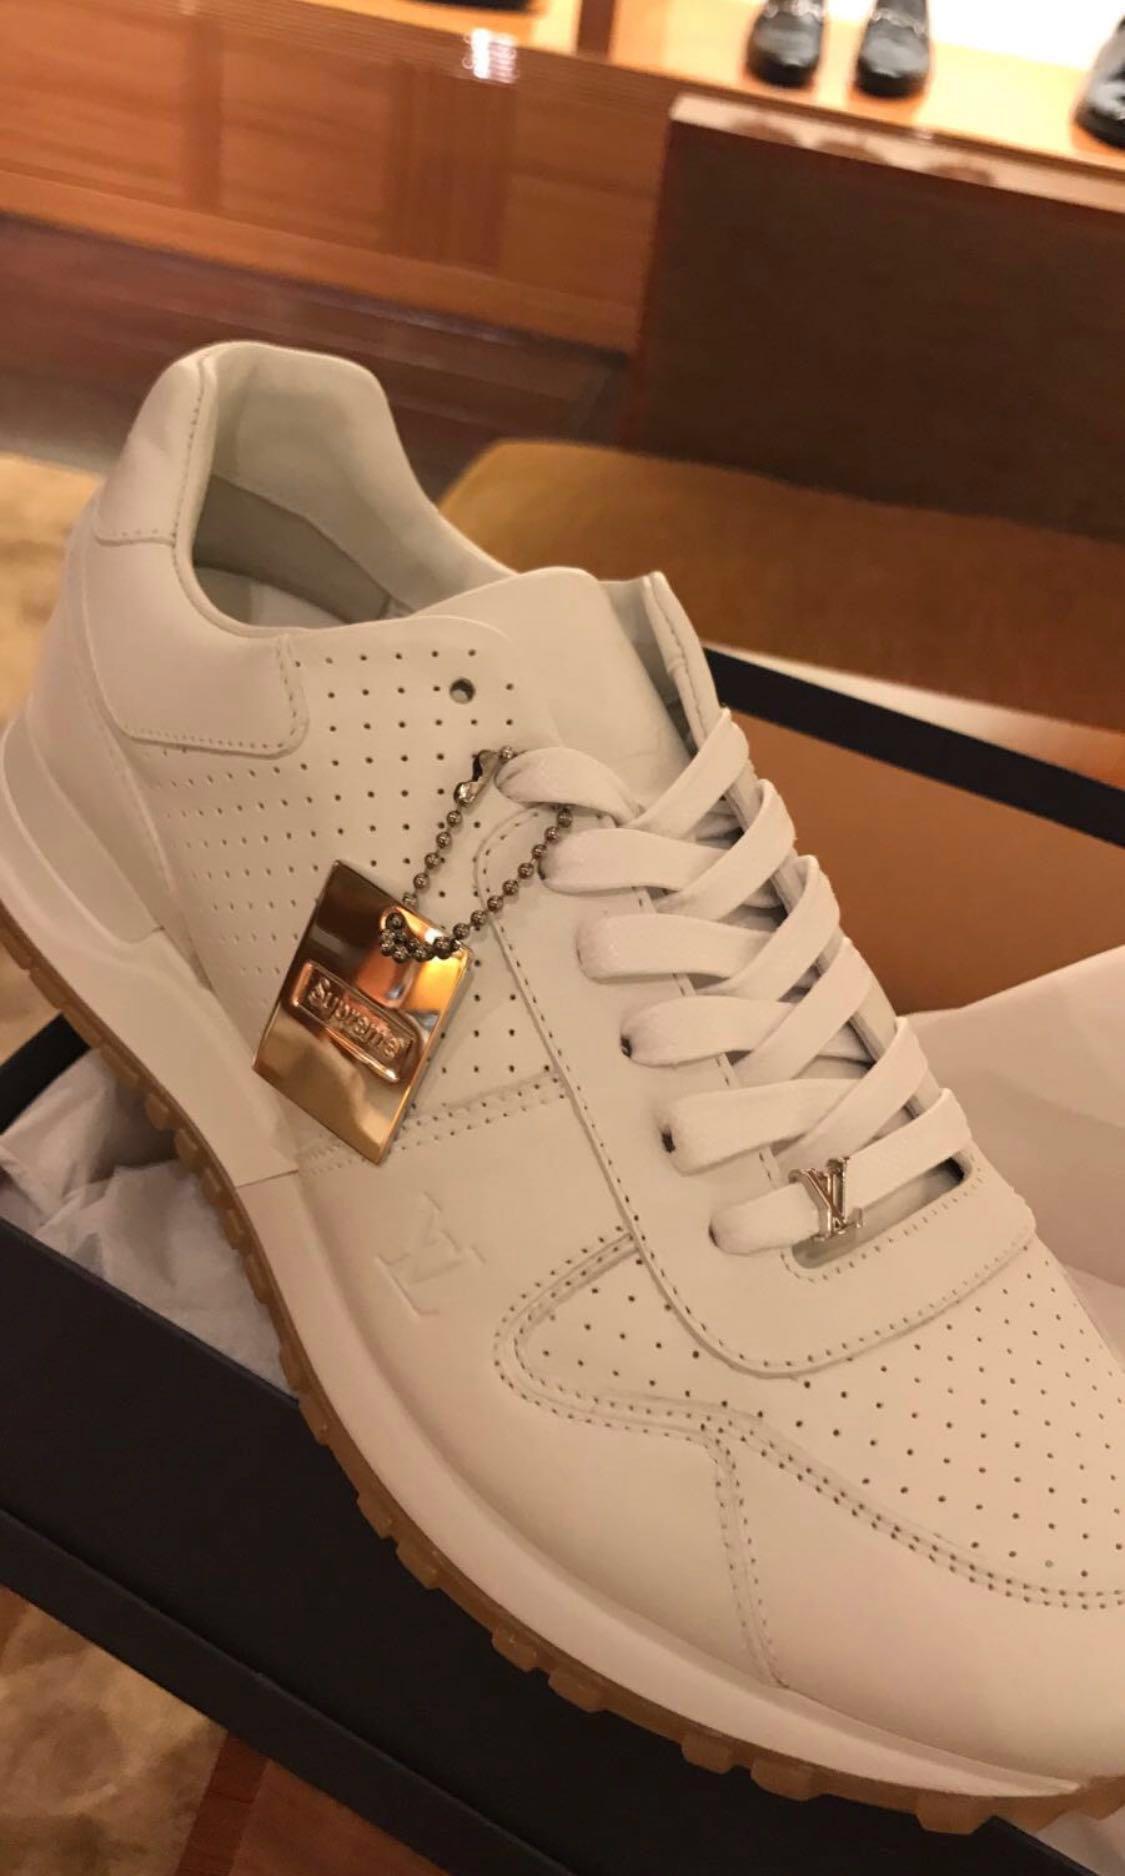 3bf2eb6740b11 🔥HOT🔥SUPREMEx Louis Vuitton Low Top Sneakers, Women's Fashion ...